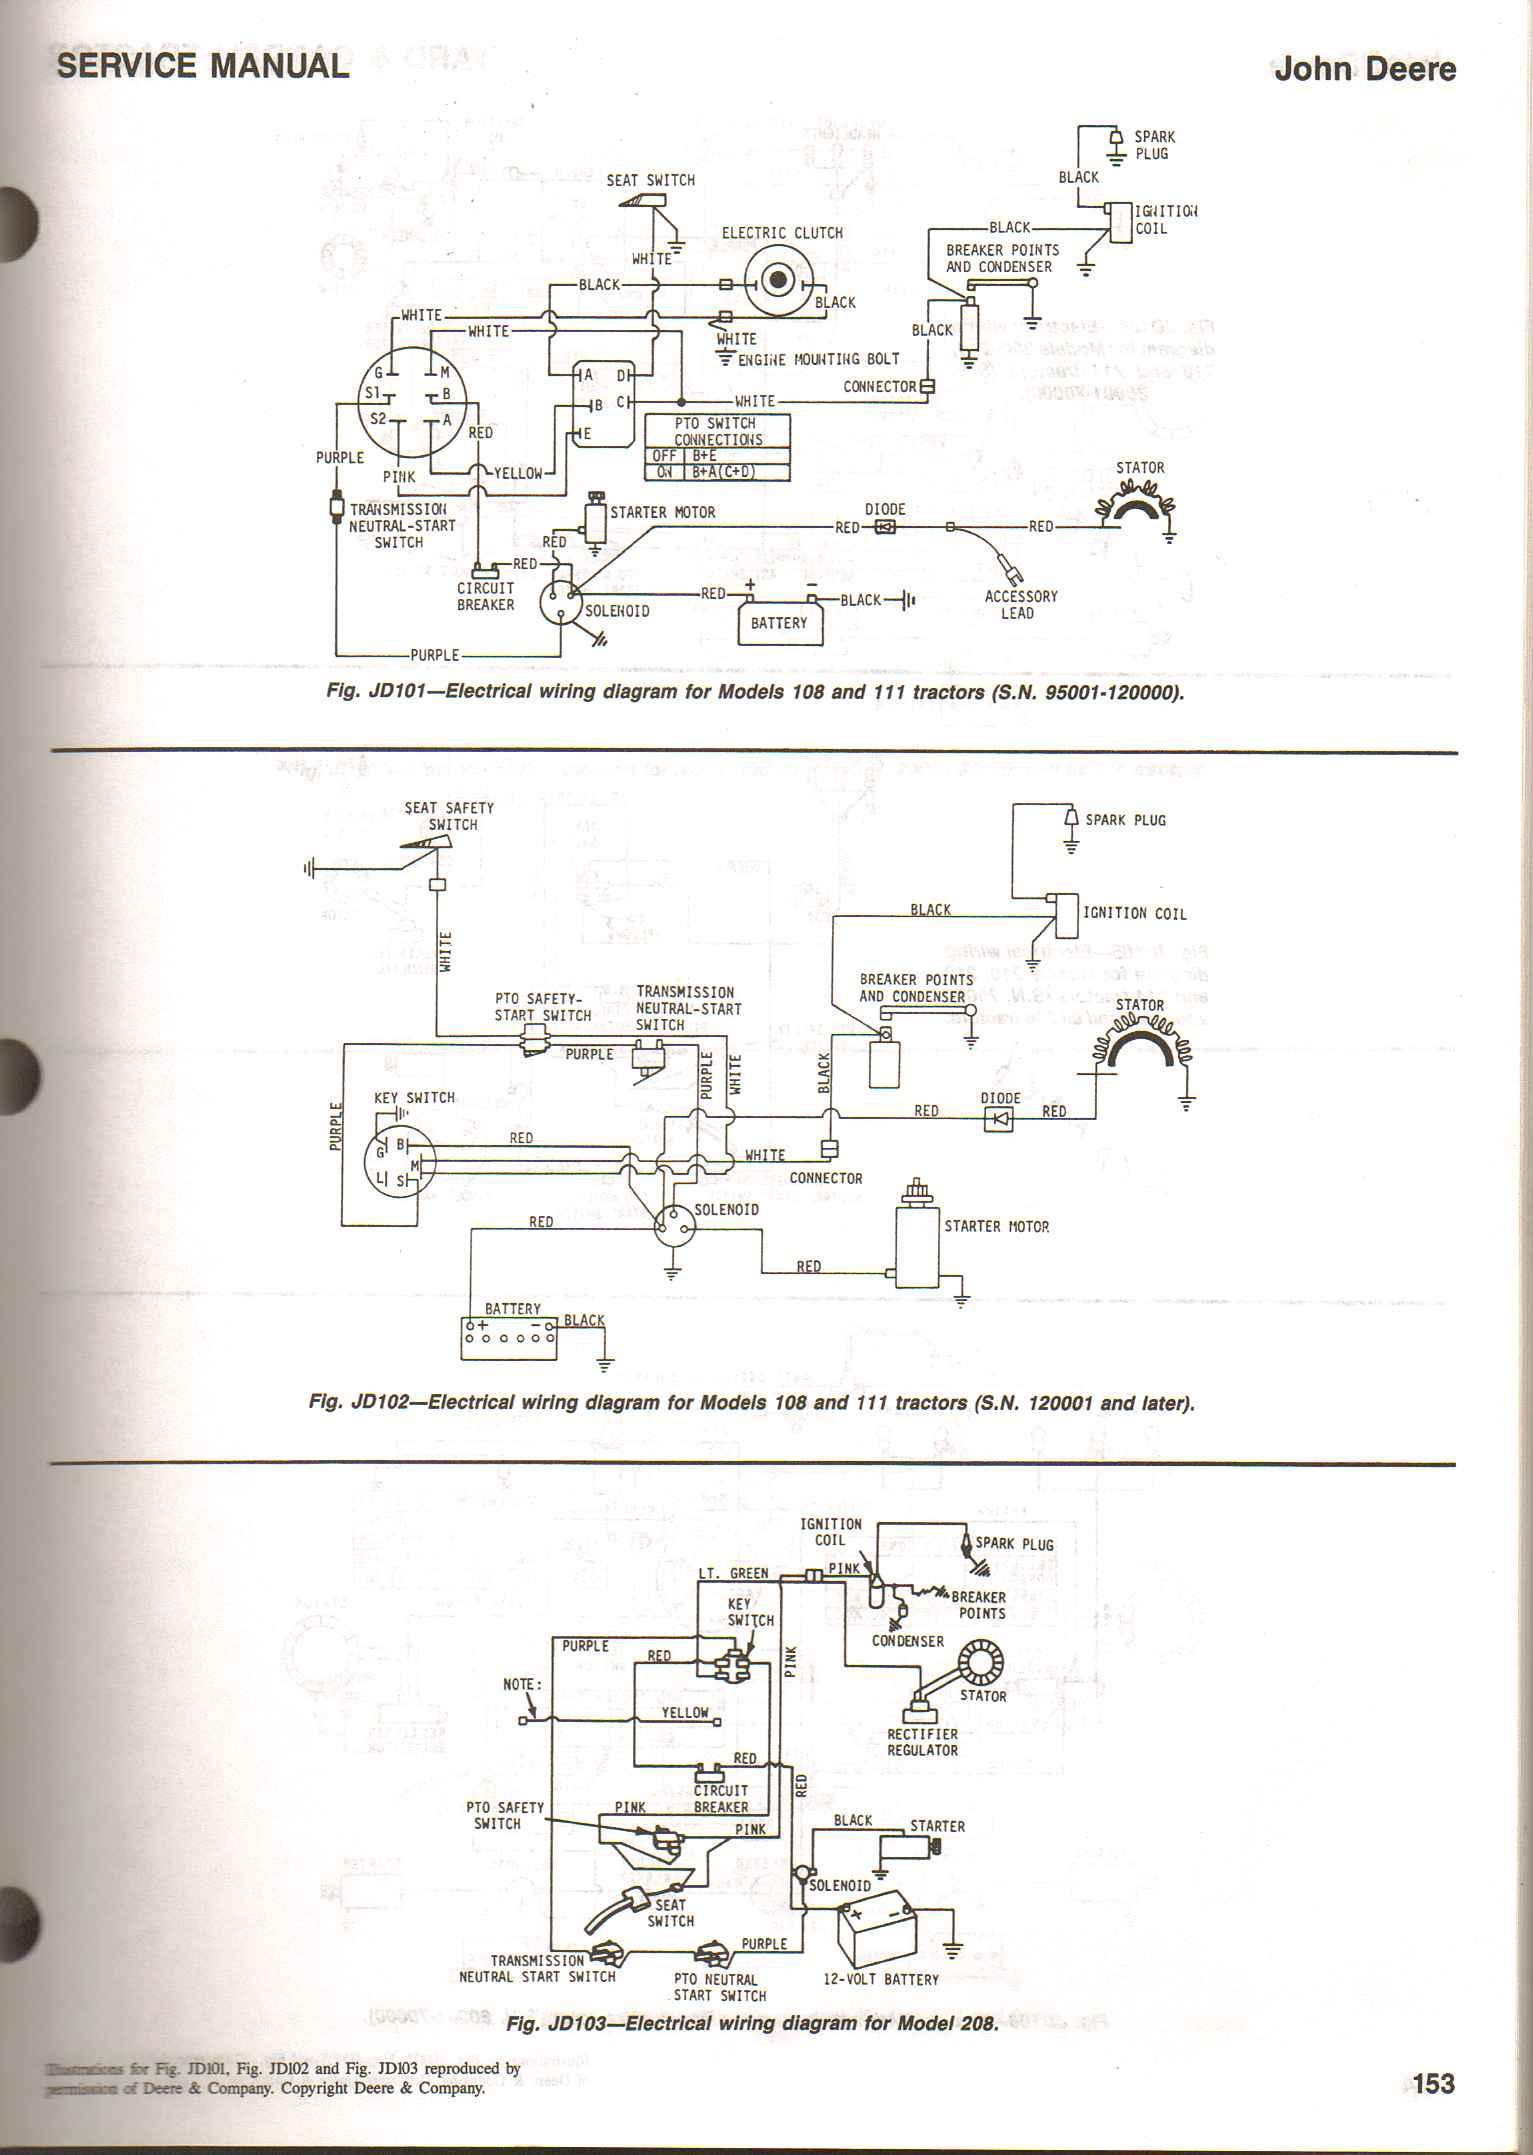 John deere 111 manual pdf